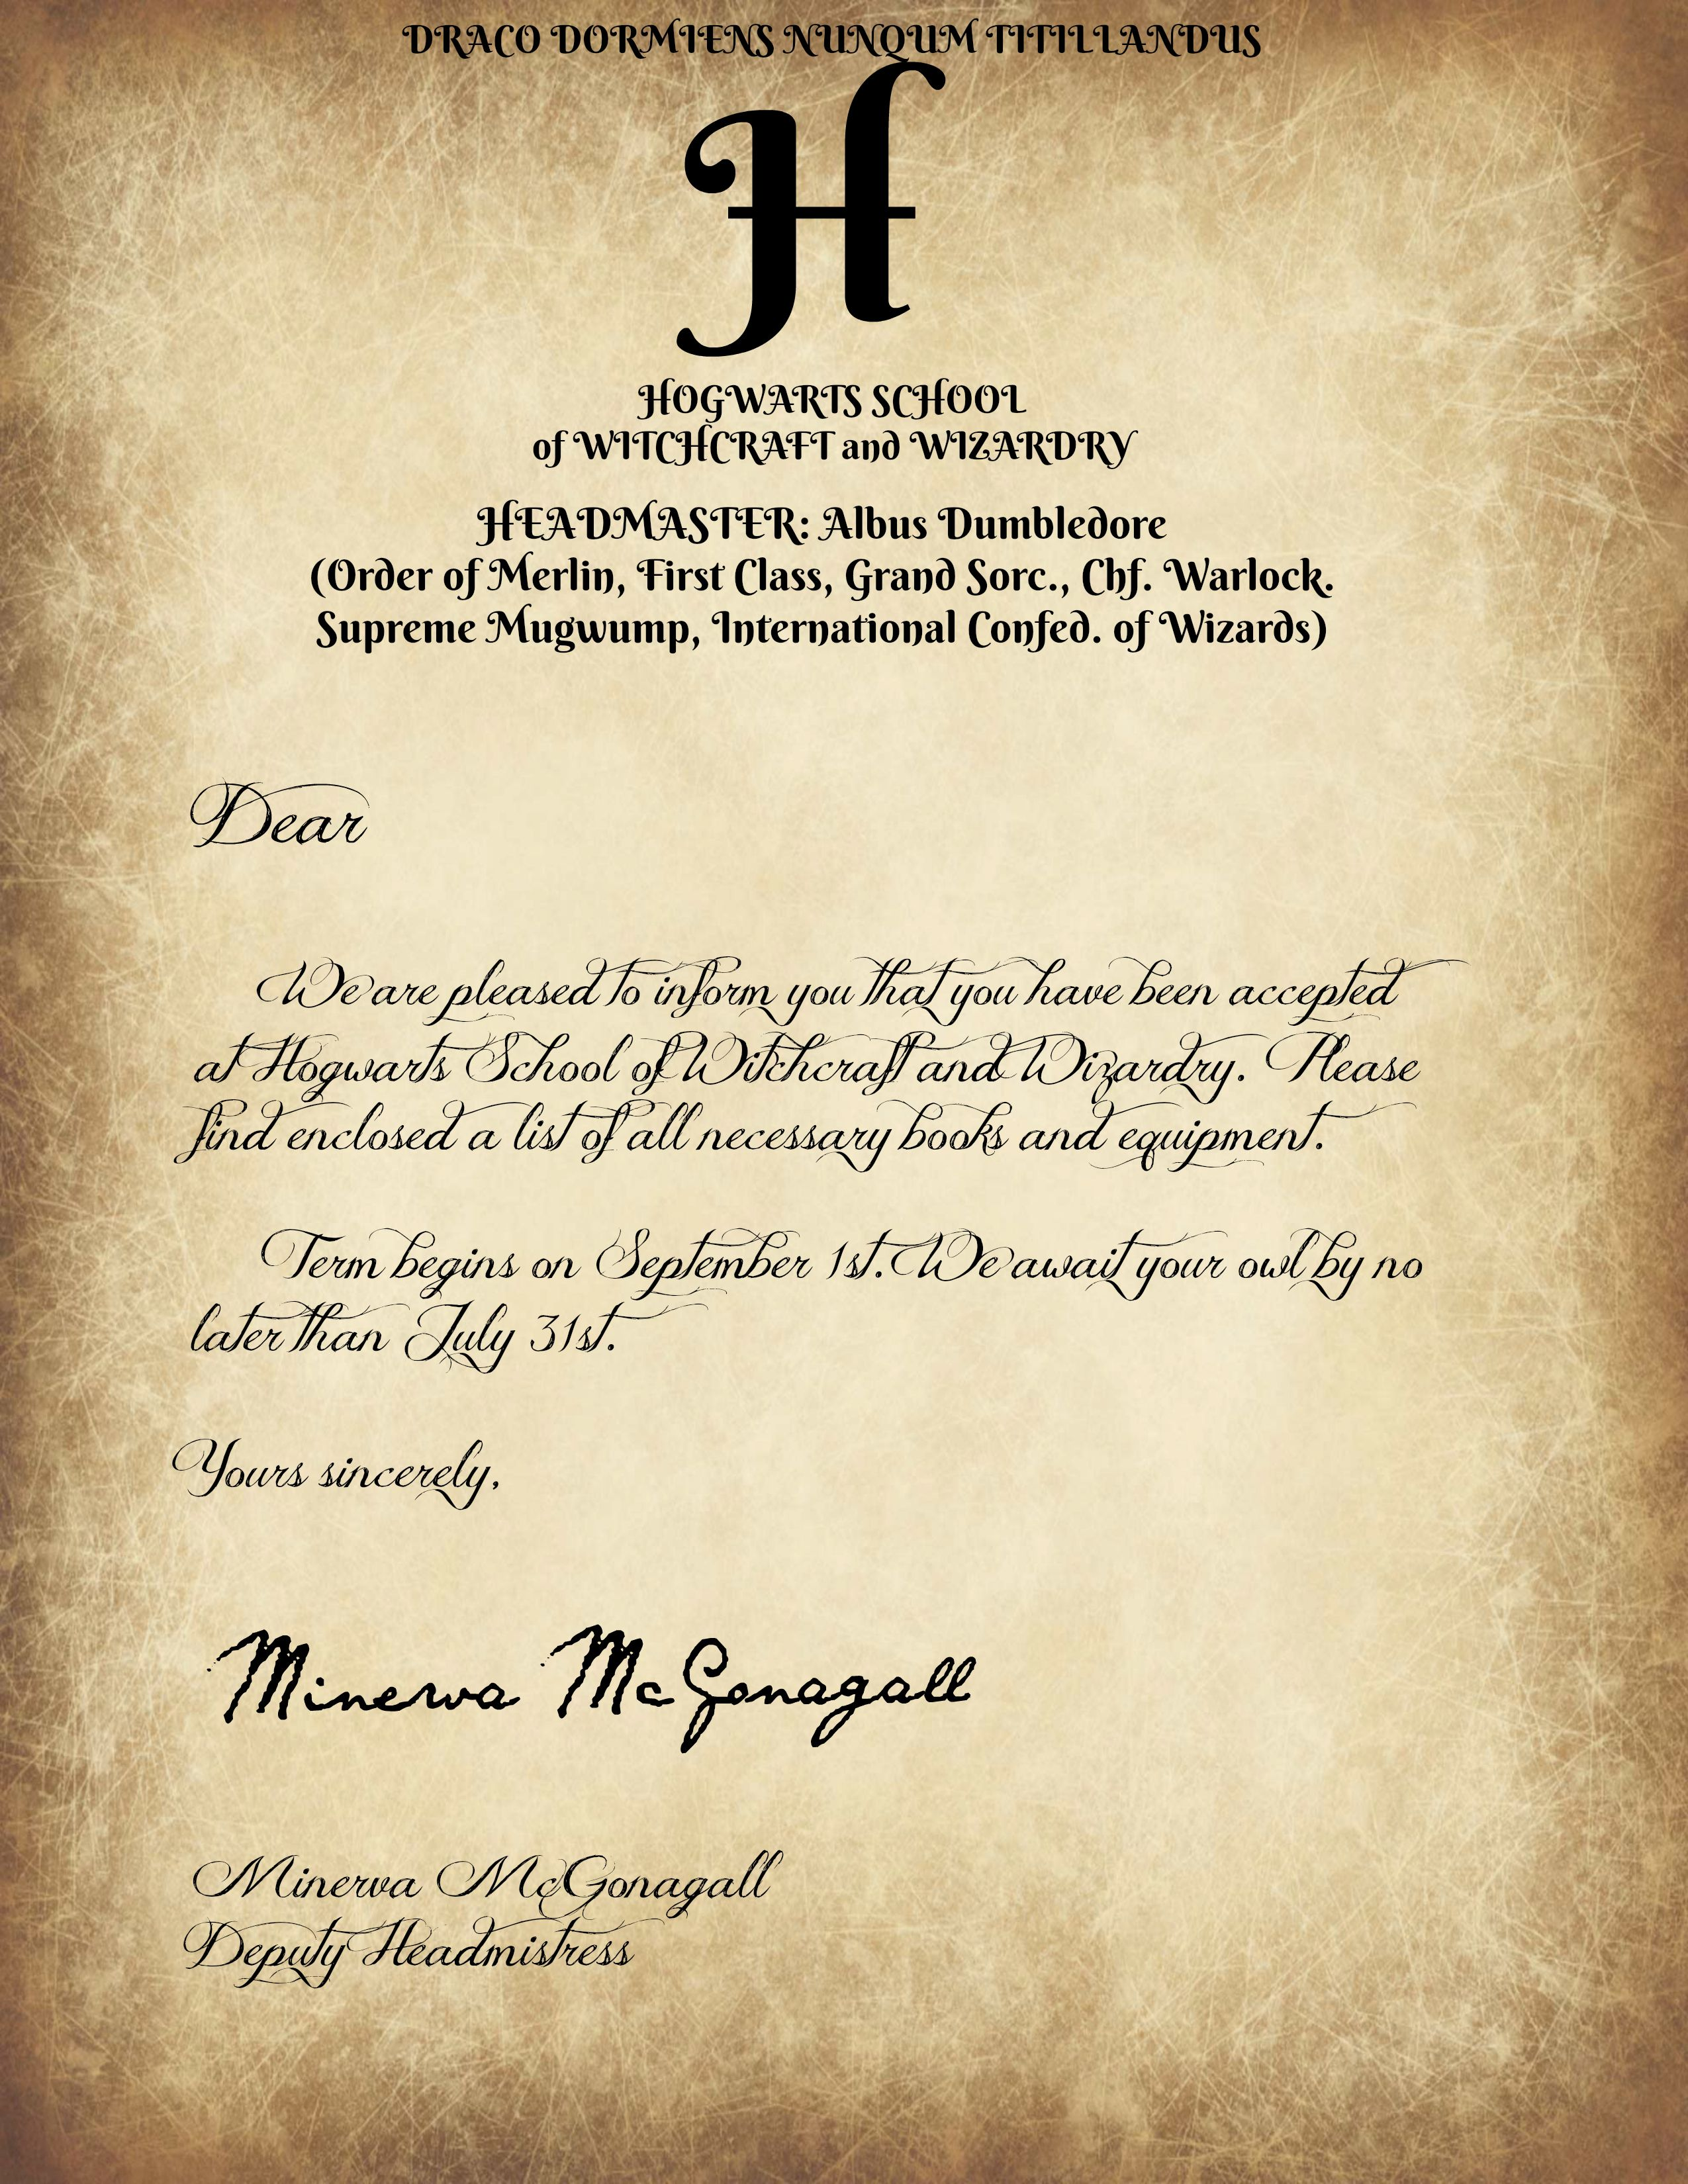 Hogwarts Letter Total Visits 0 Savvy Journey Harry